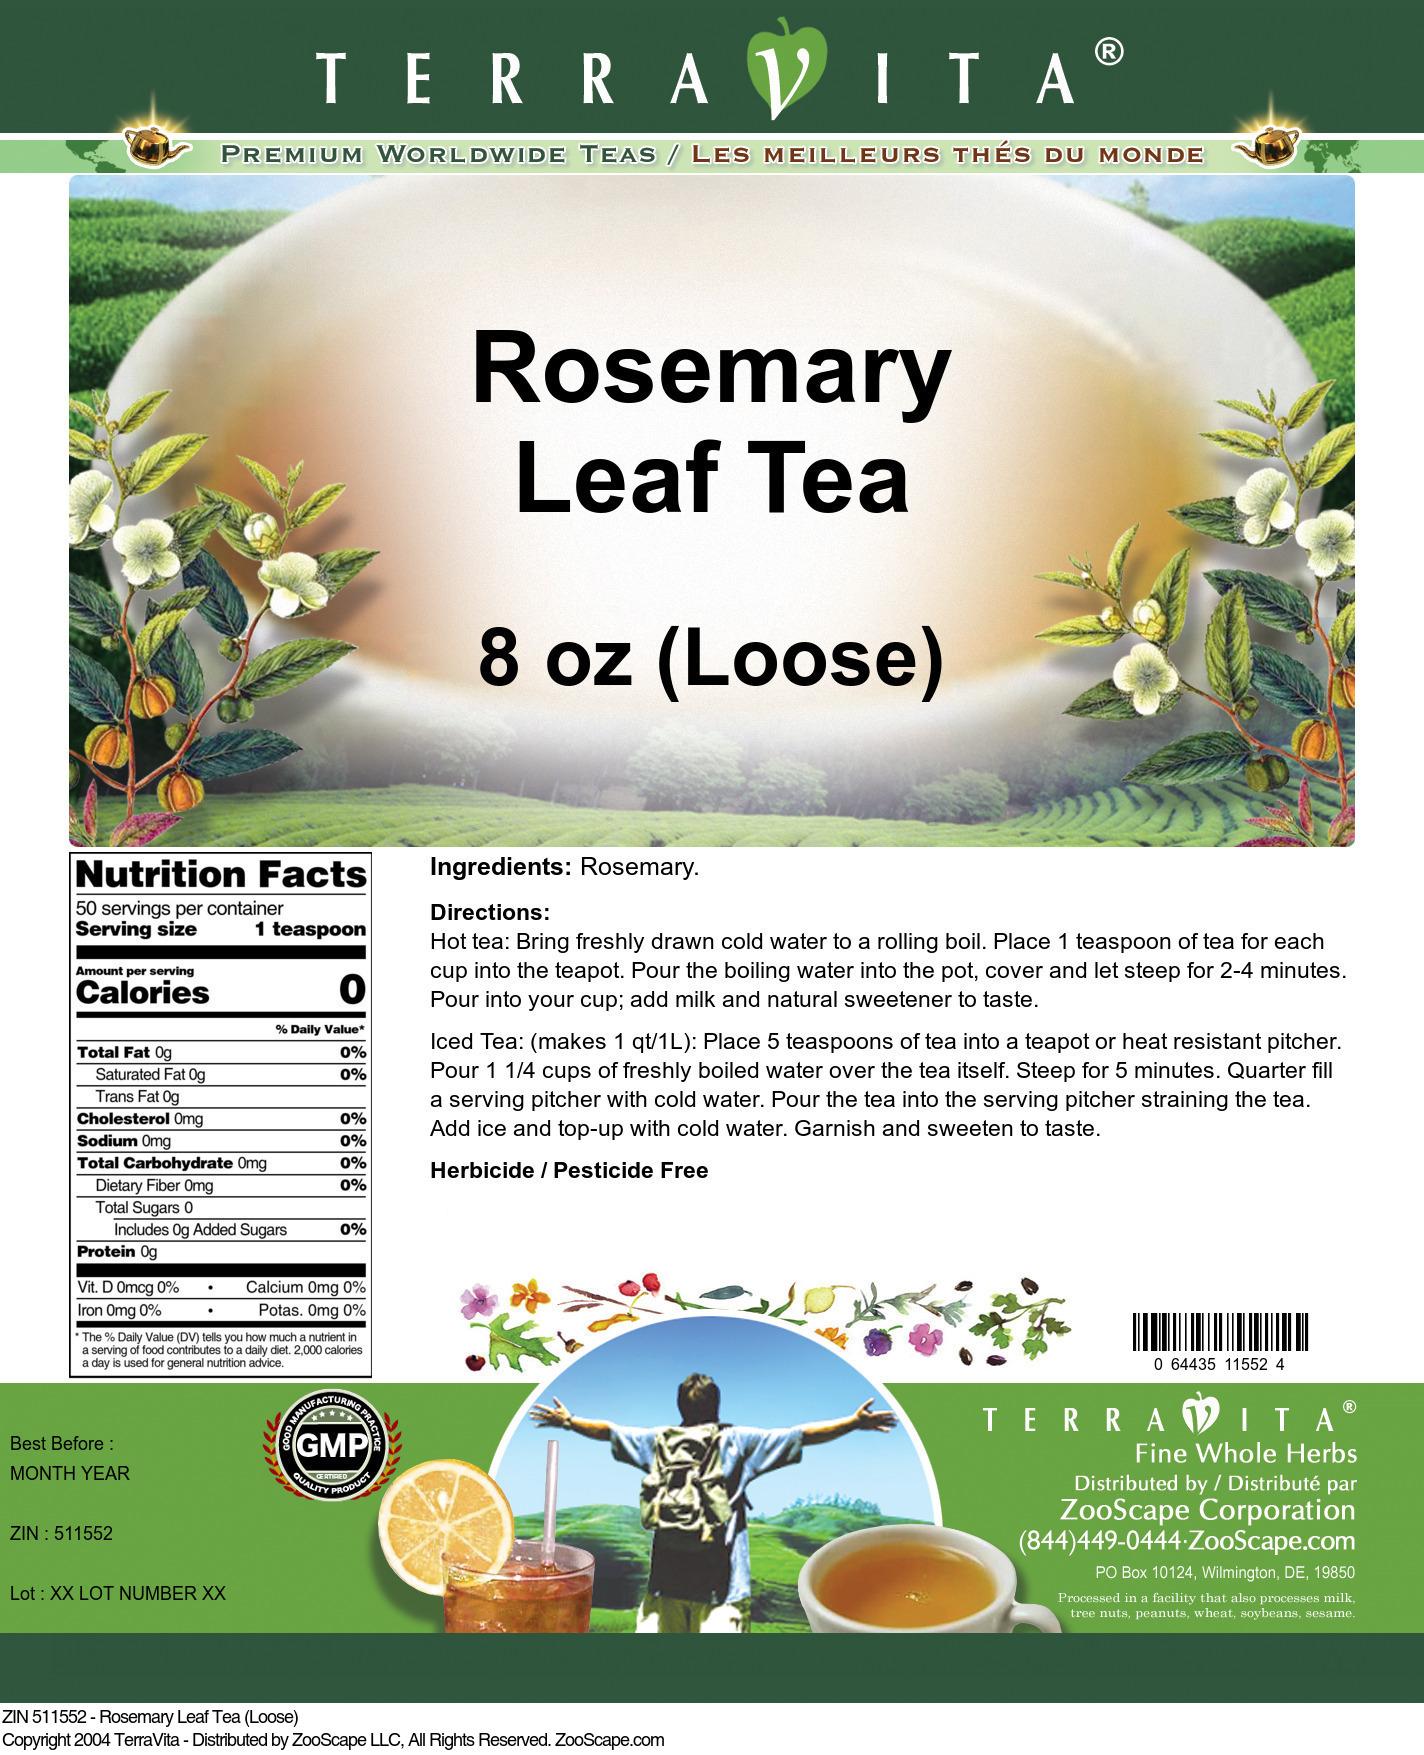 Rosemary Leaf Tea (Loose)